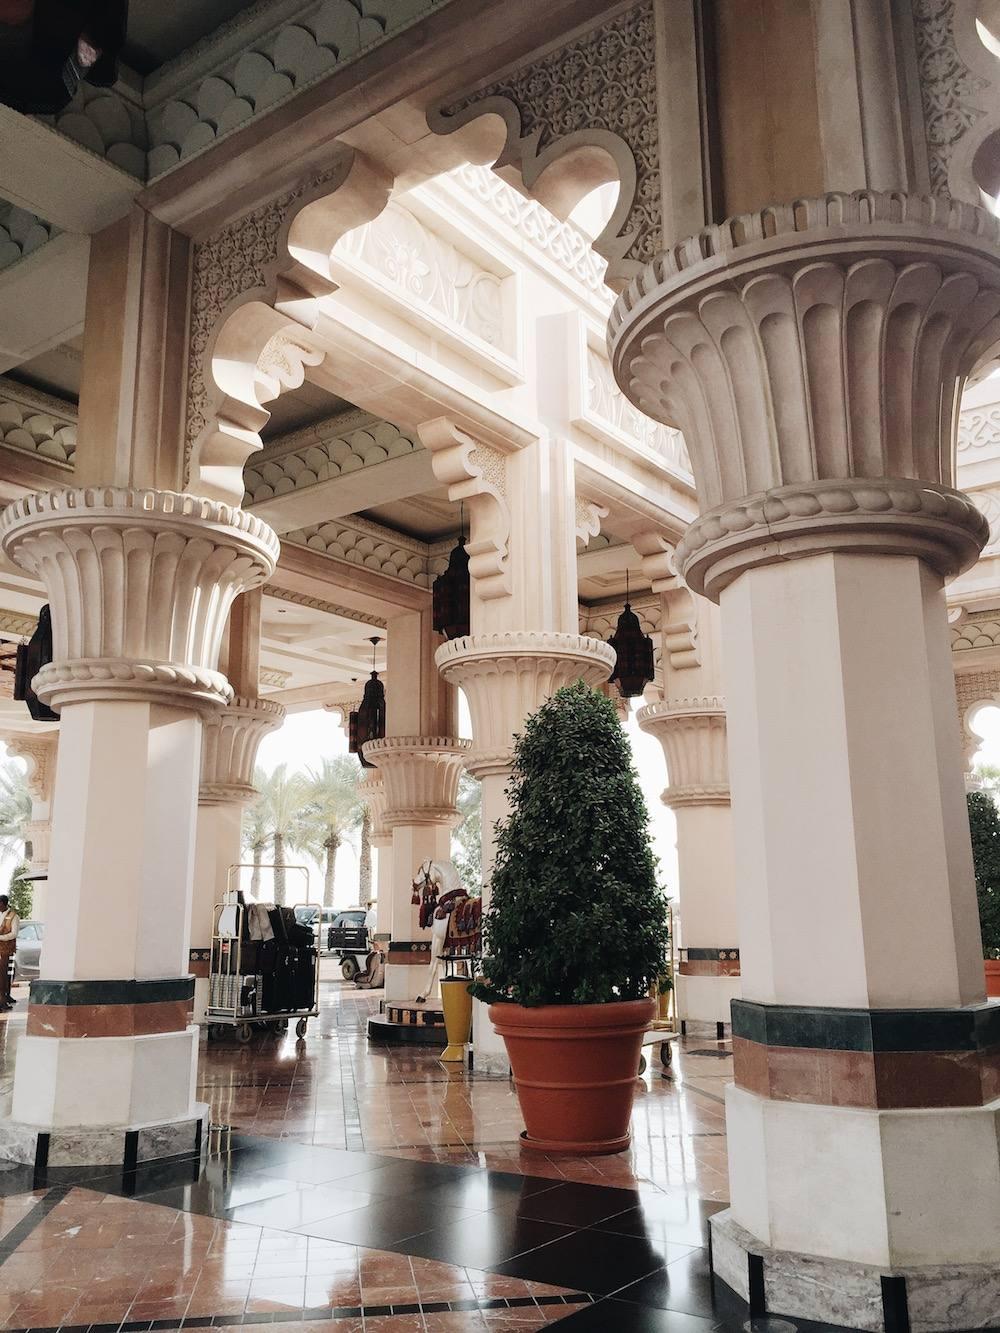 madinat jumeirah dubai hotel